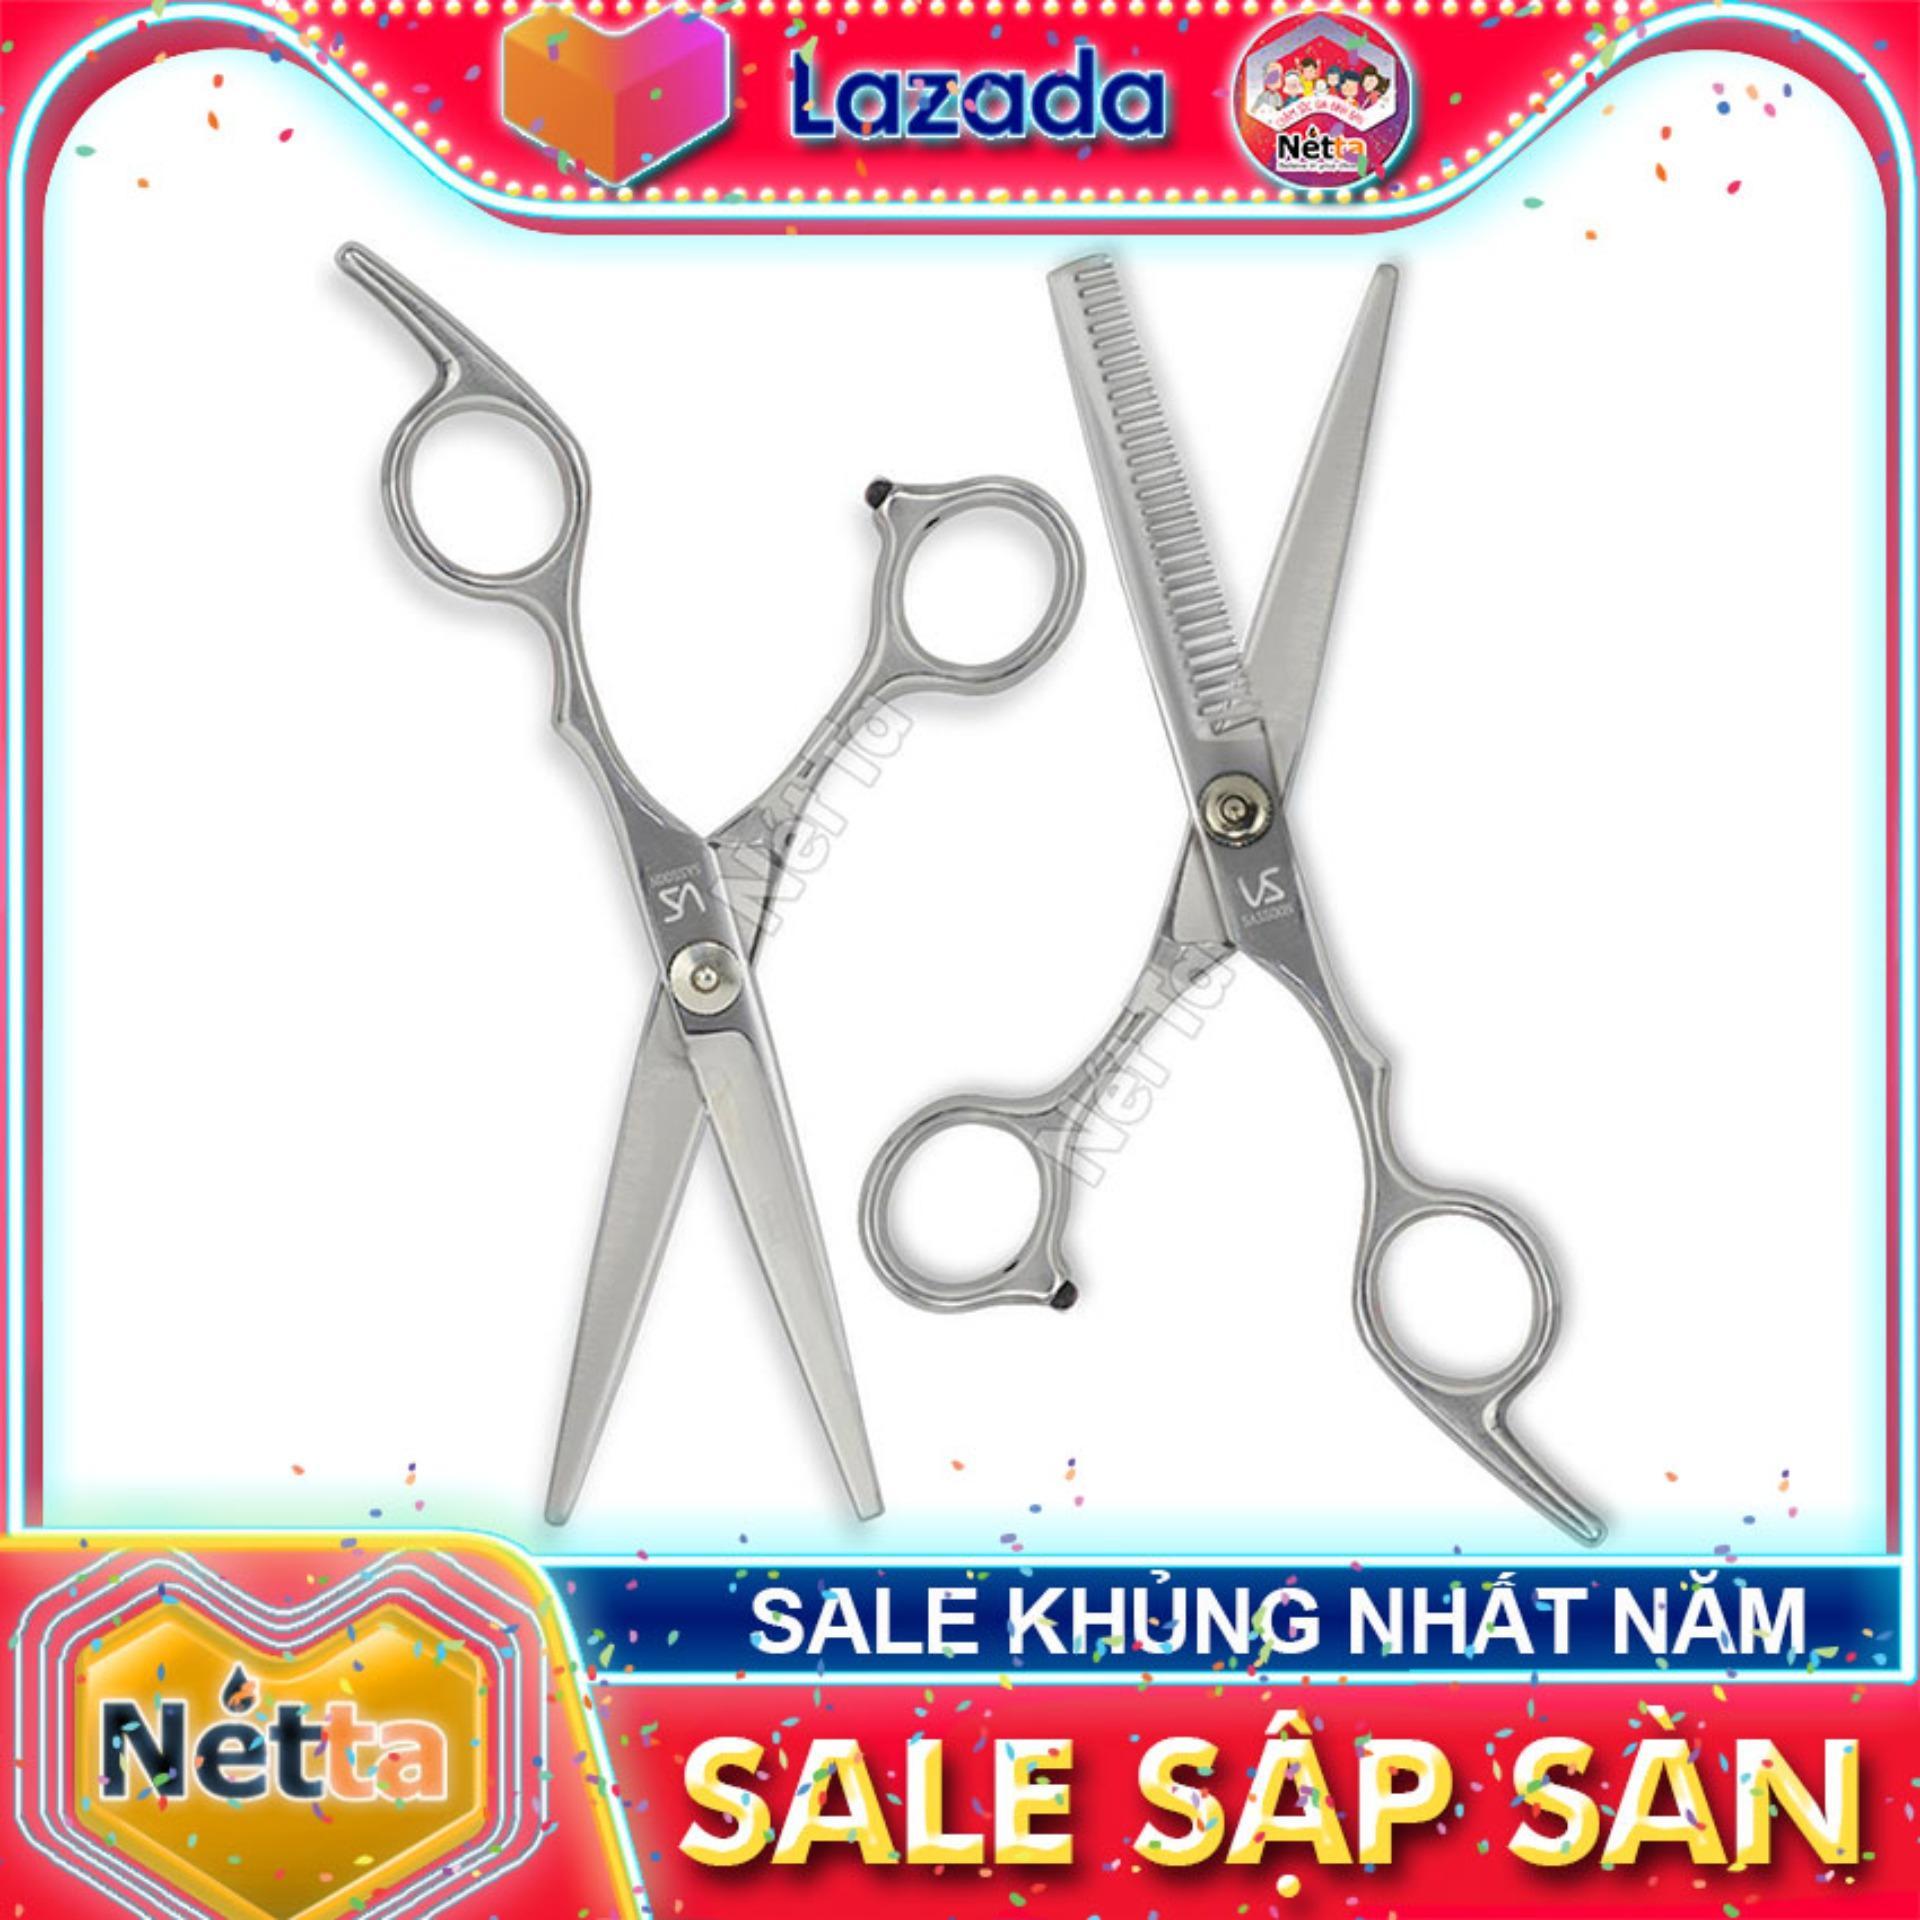 Bộ kéo cắt tóc cao cấp làm bằng thép không gỉ VS SASSON ( gồm kéo cắt và kéo tỉa) nhập khẩu